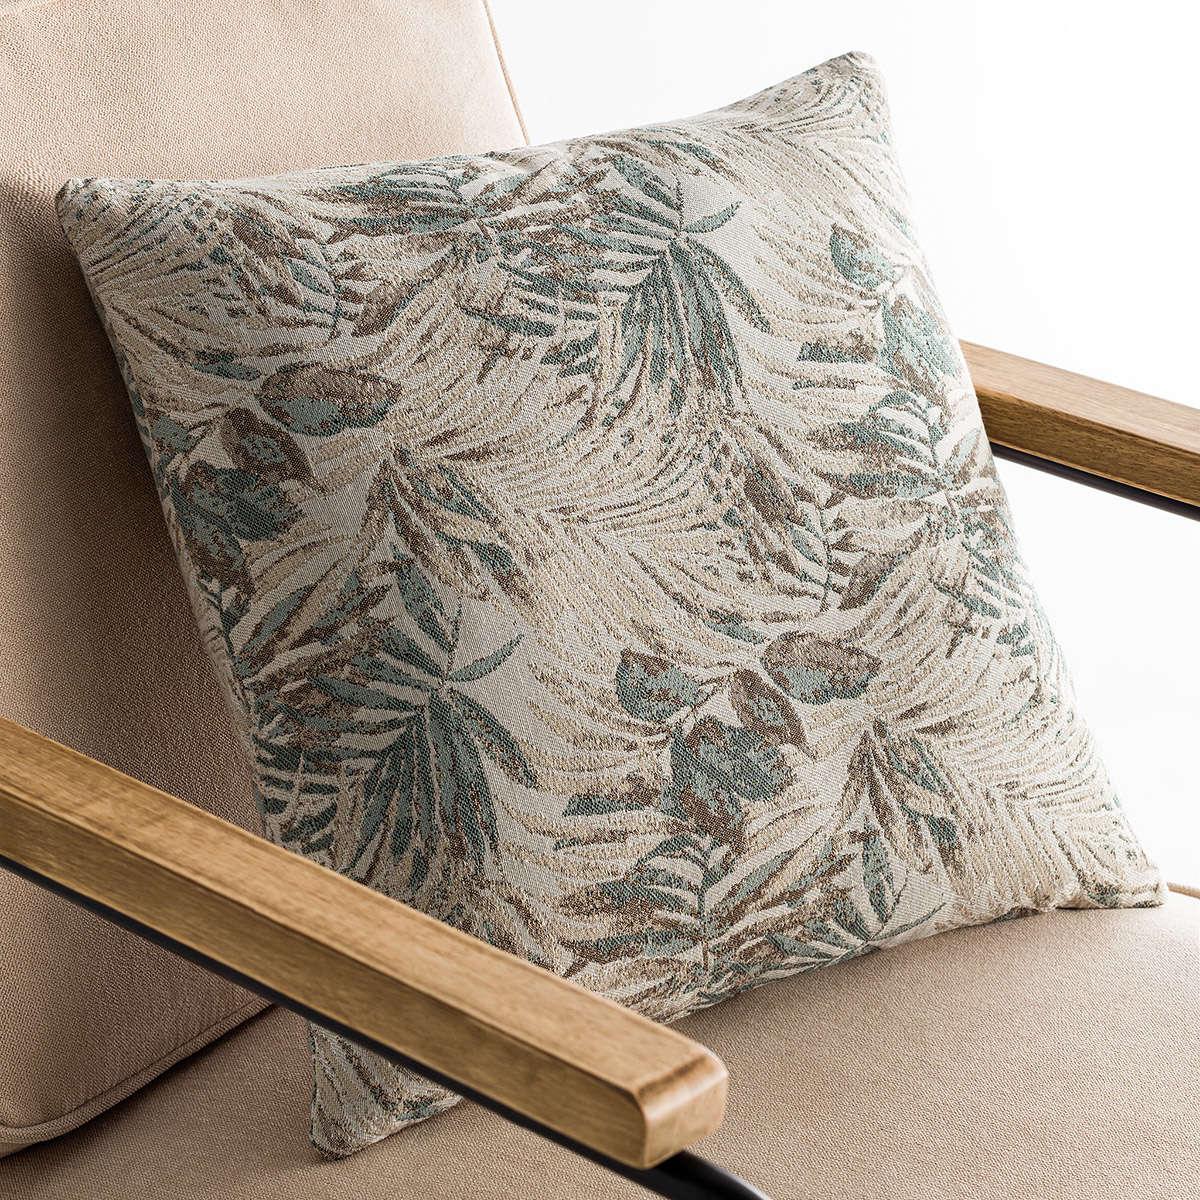 Μαξιλαροθήκη Διακοσμητική Paloma Aqua 696/11 Gofis Home 50X50 Βαμβάκι-Polyester